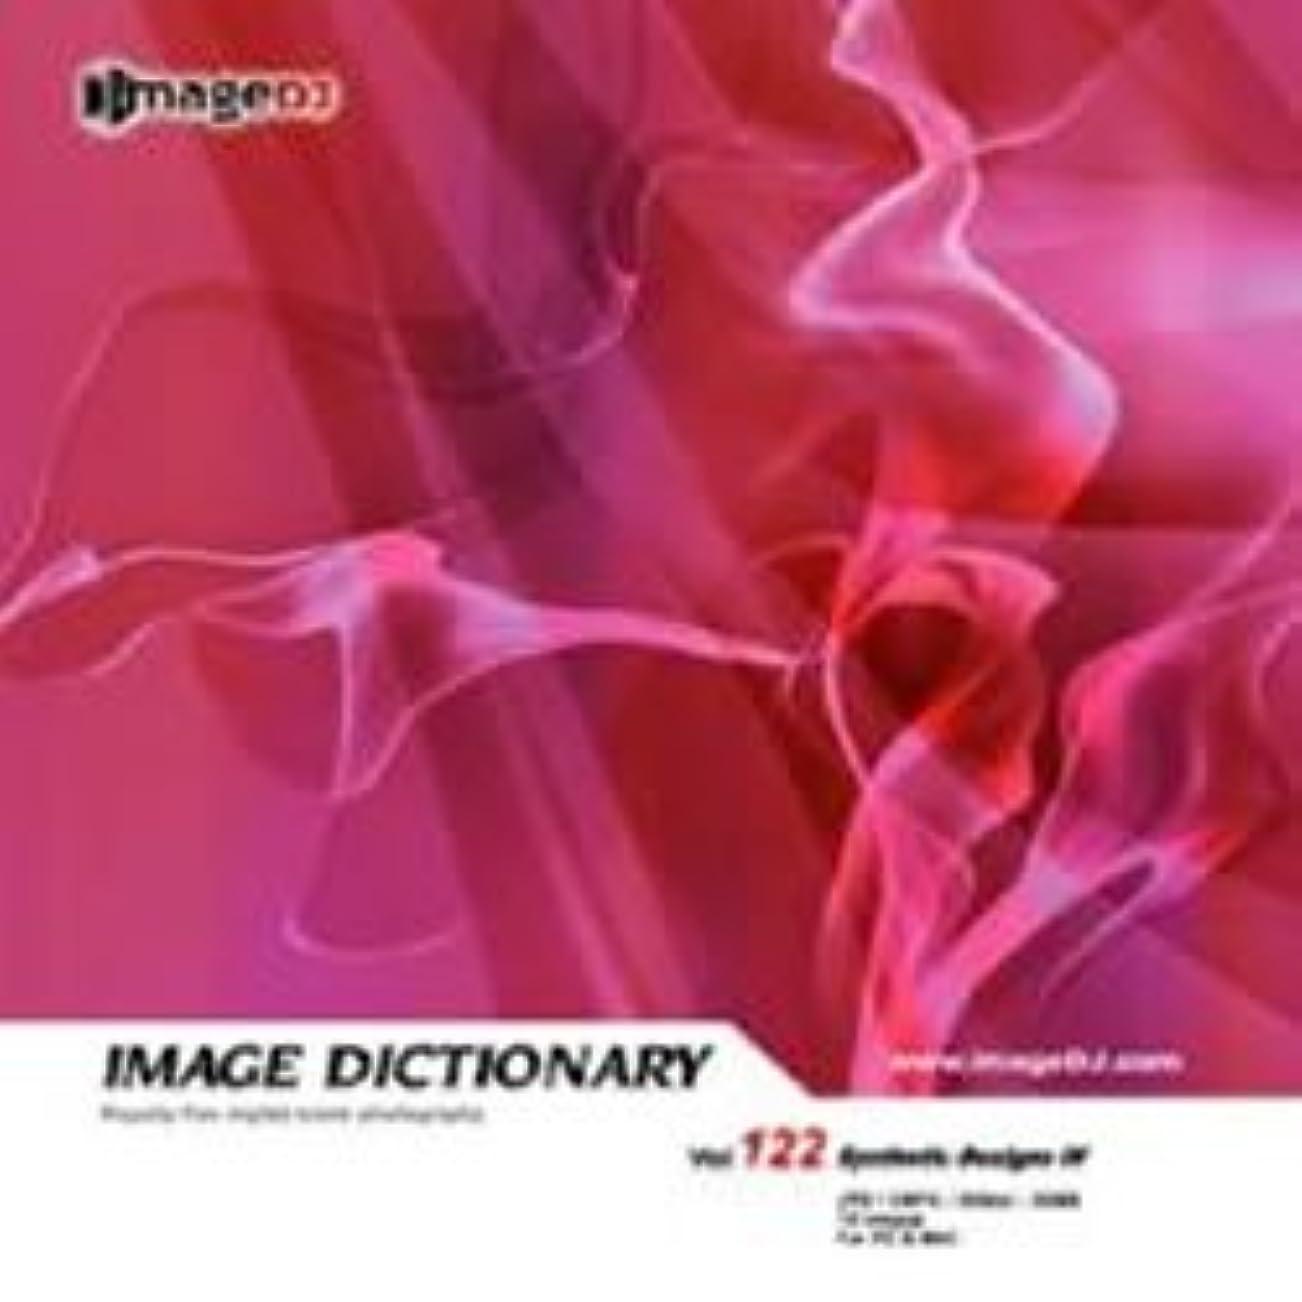 輝度東ティモールタバコイメージ ディクショナリー Vol.122 合成図案(3)